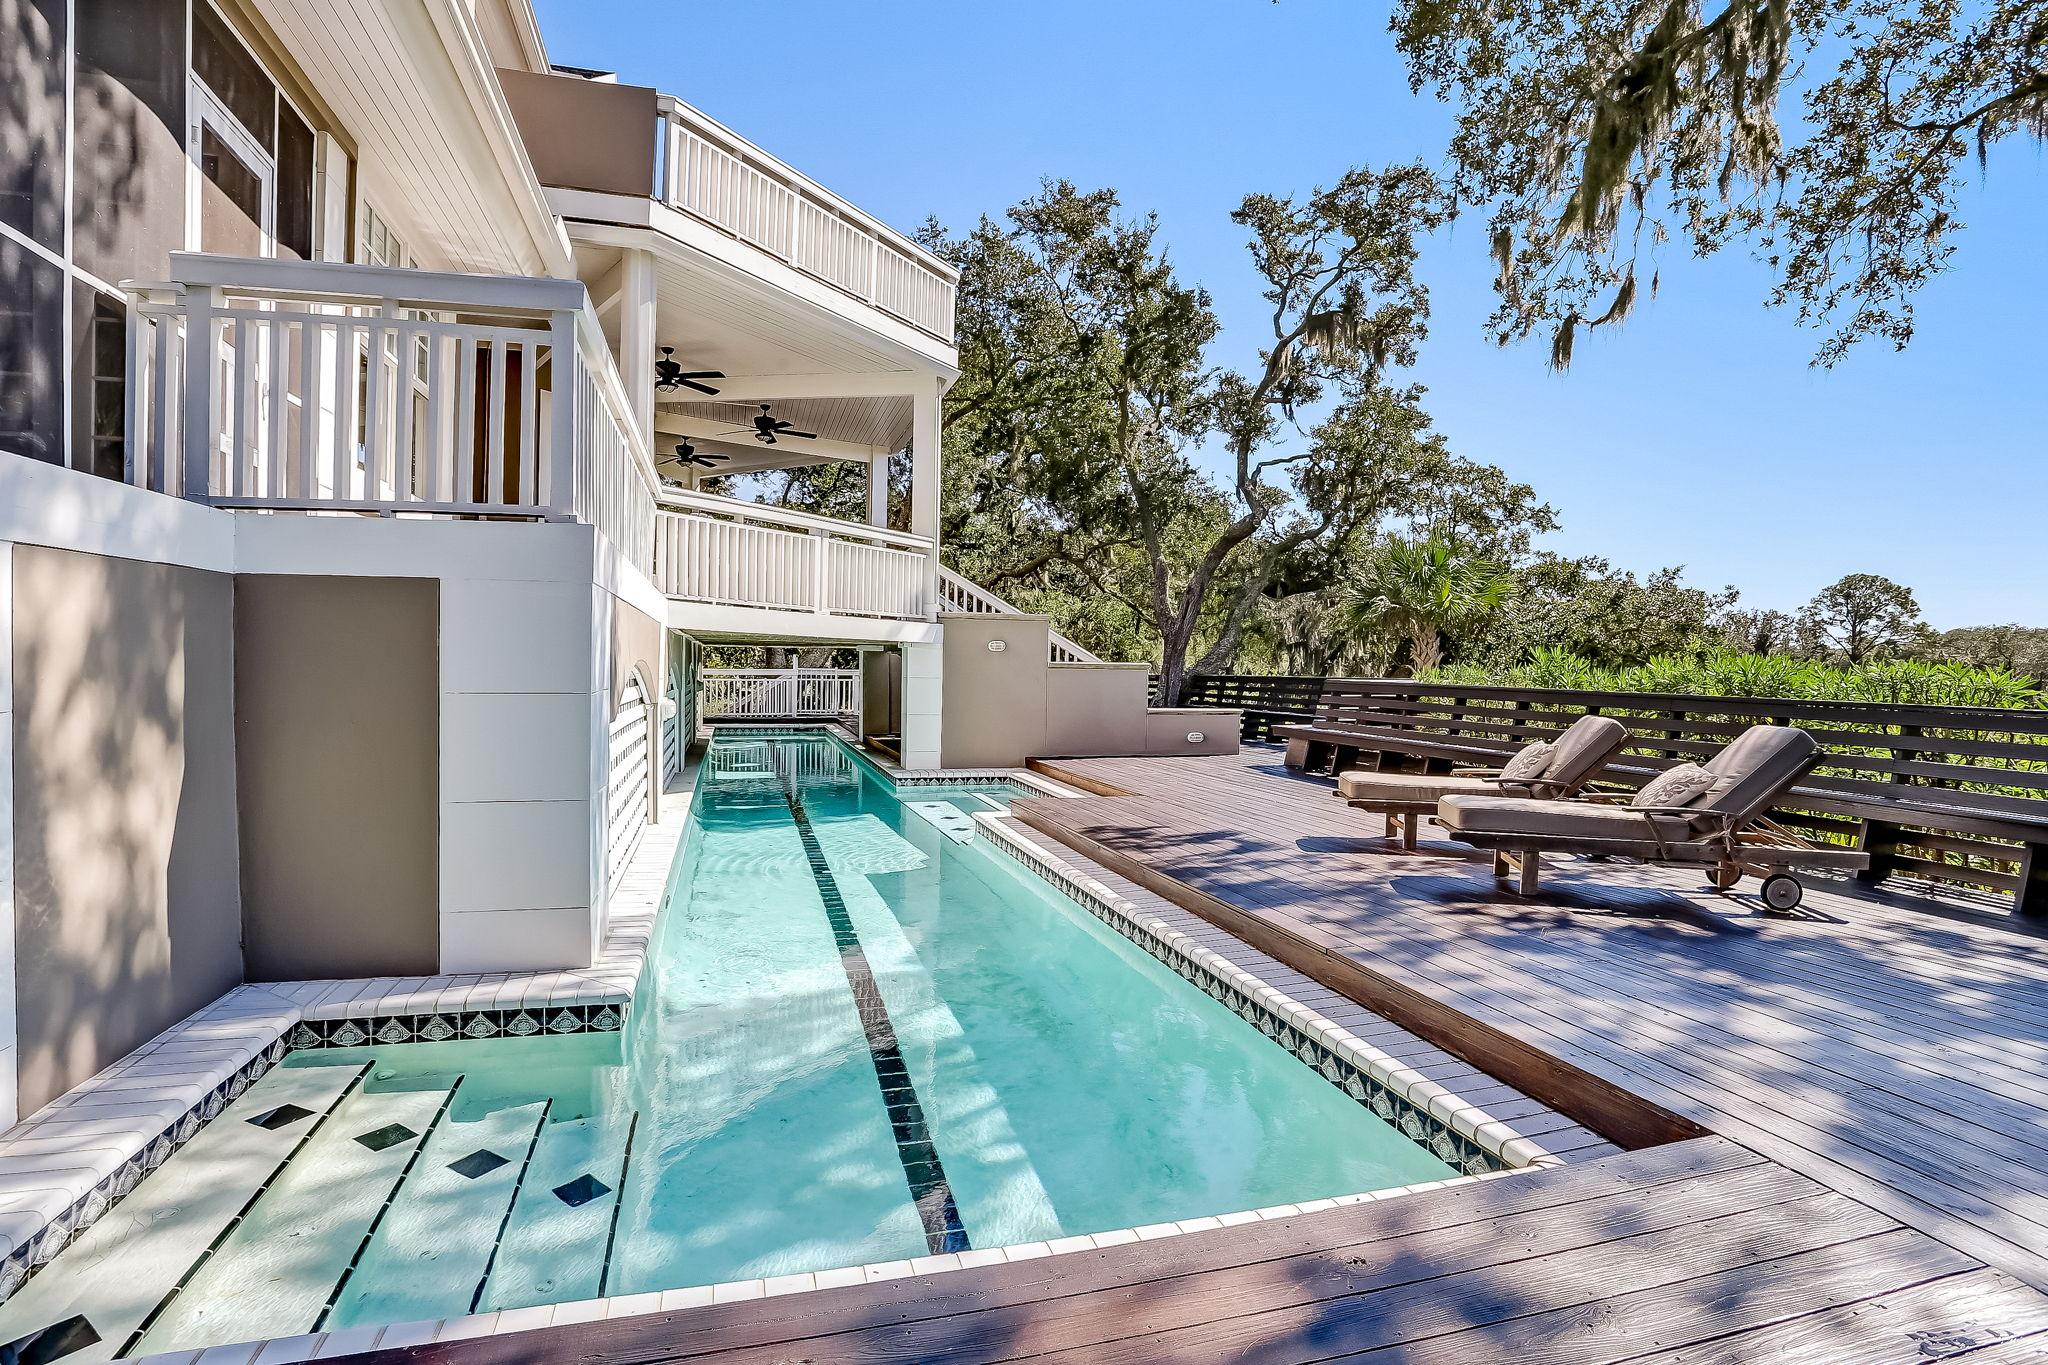 Building - Indoor Pool